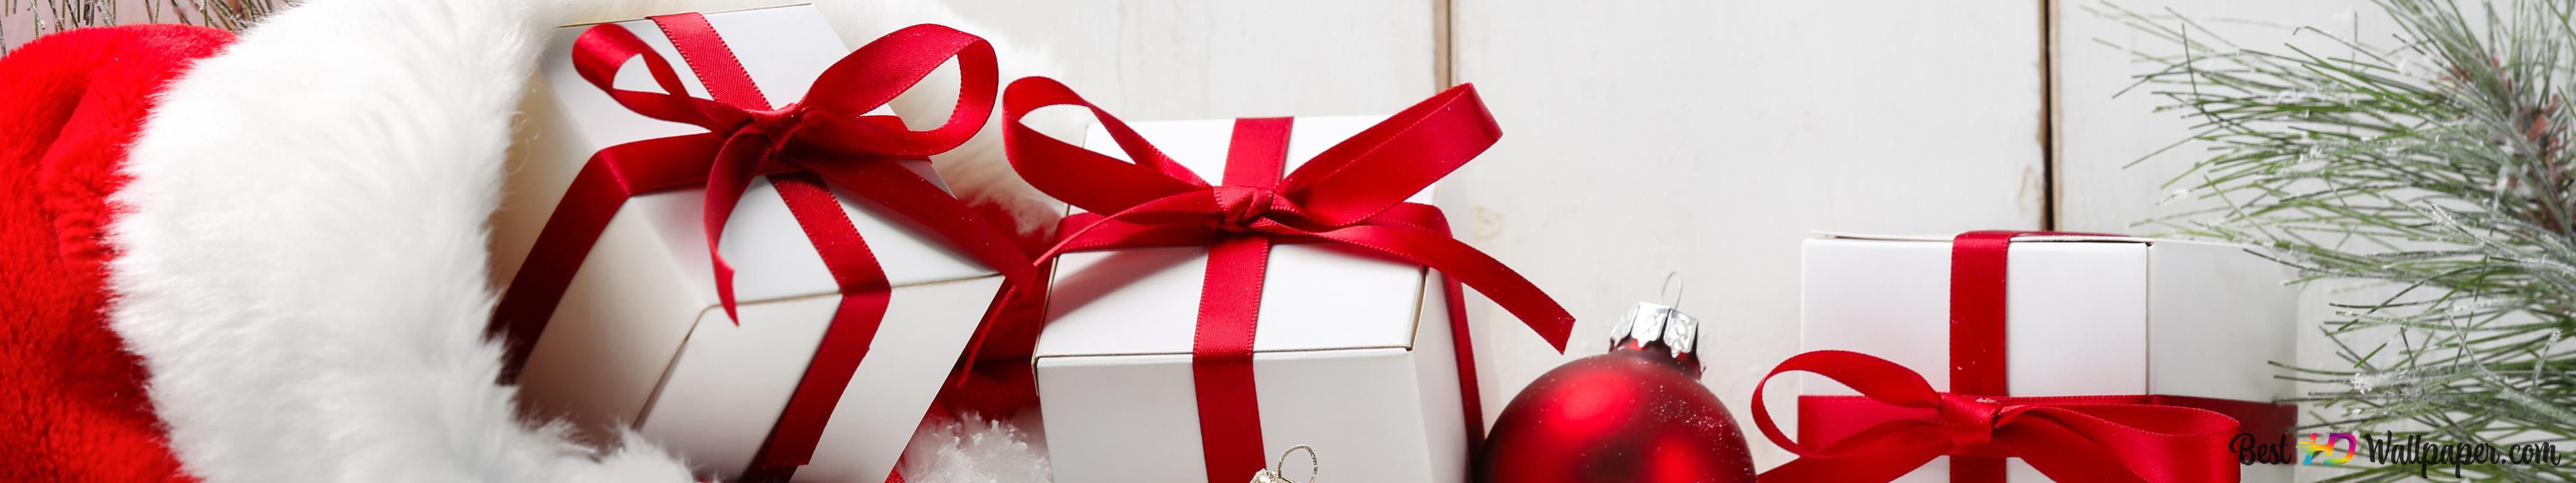 Weihnachtsgeschenke Sack.Weihnachtsgeschenke In Roten Sack Hd Hintergrundbilder Herunterladen